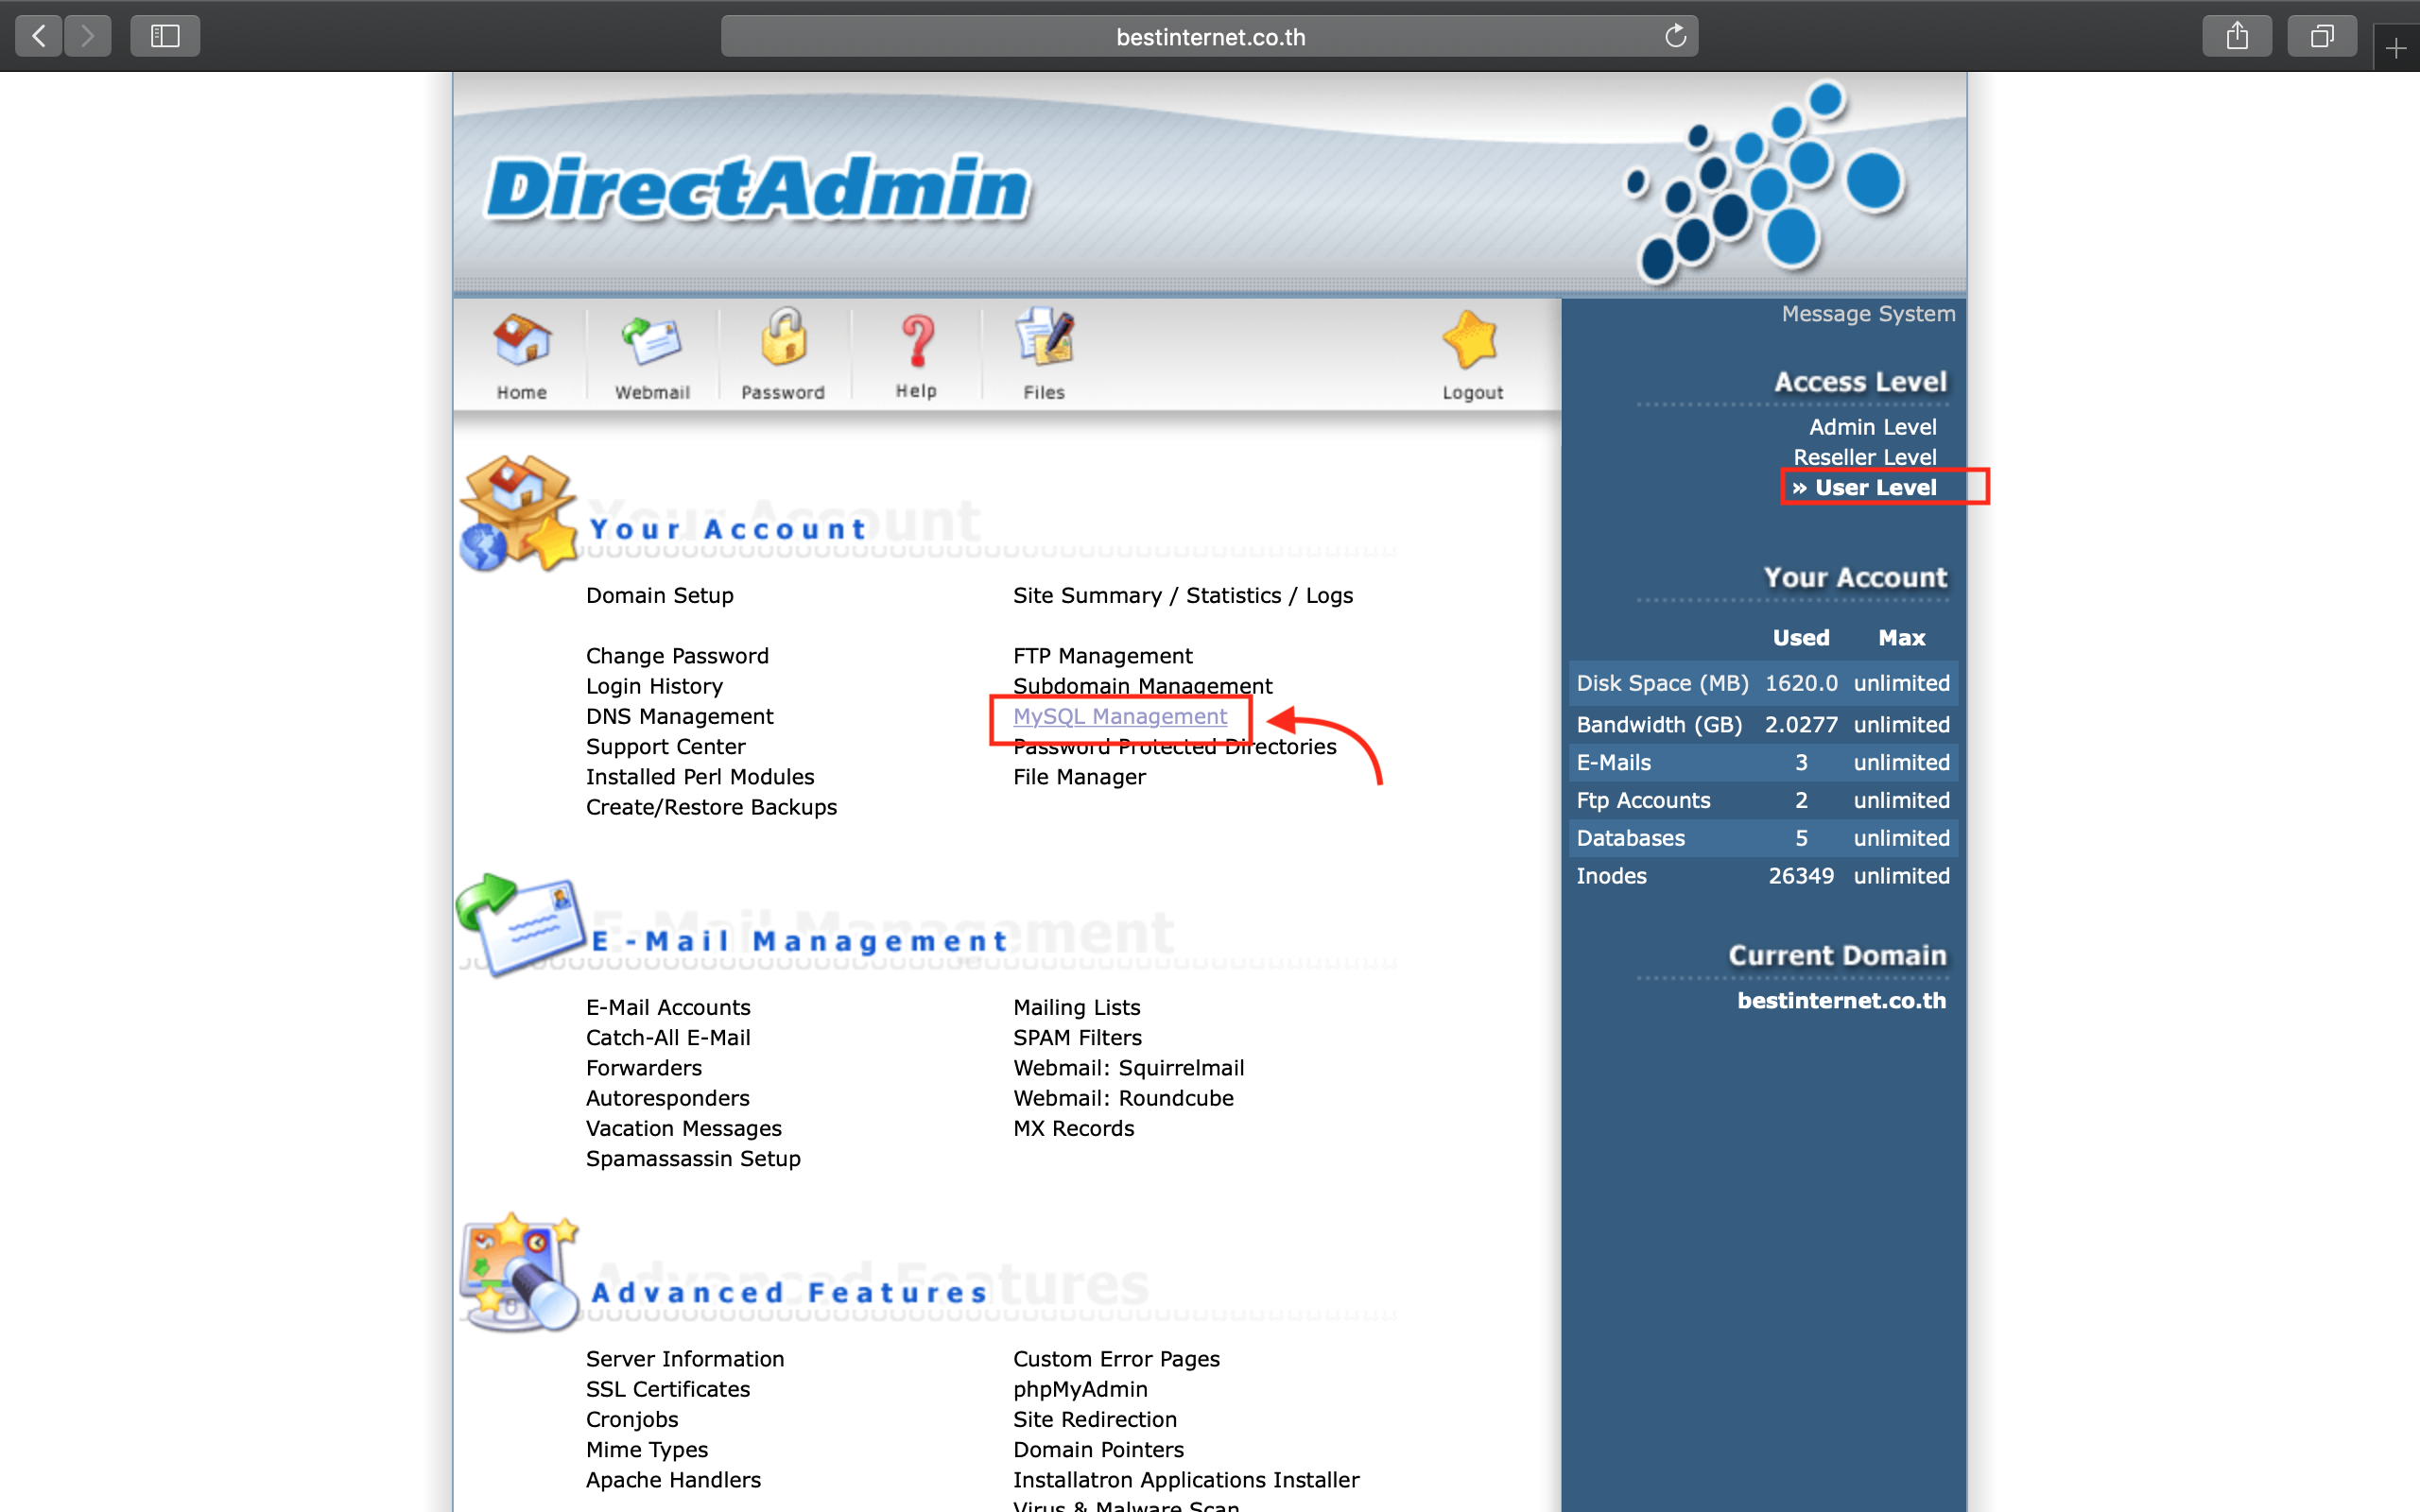 วิธีสร้าง Database บน DirectAdmin1